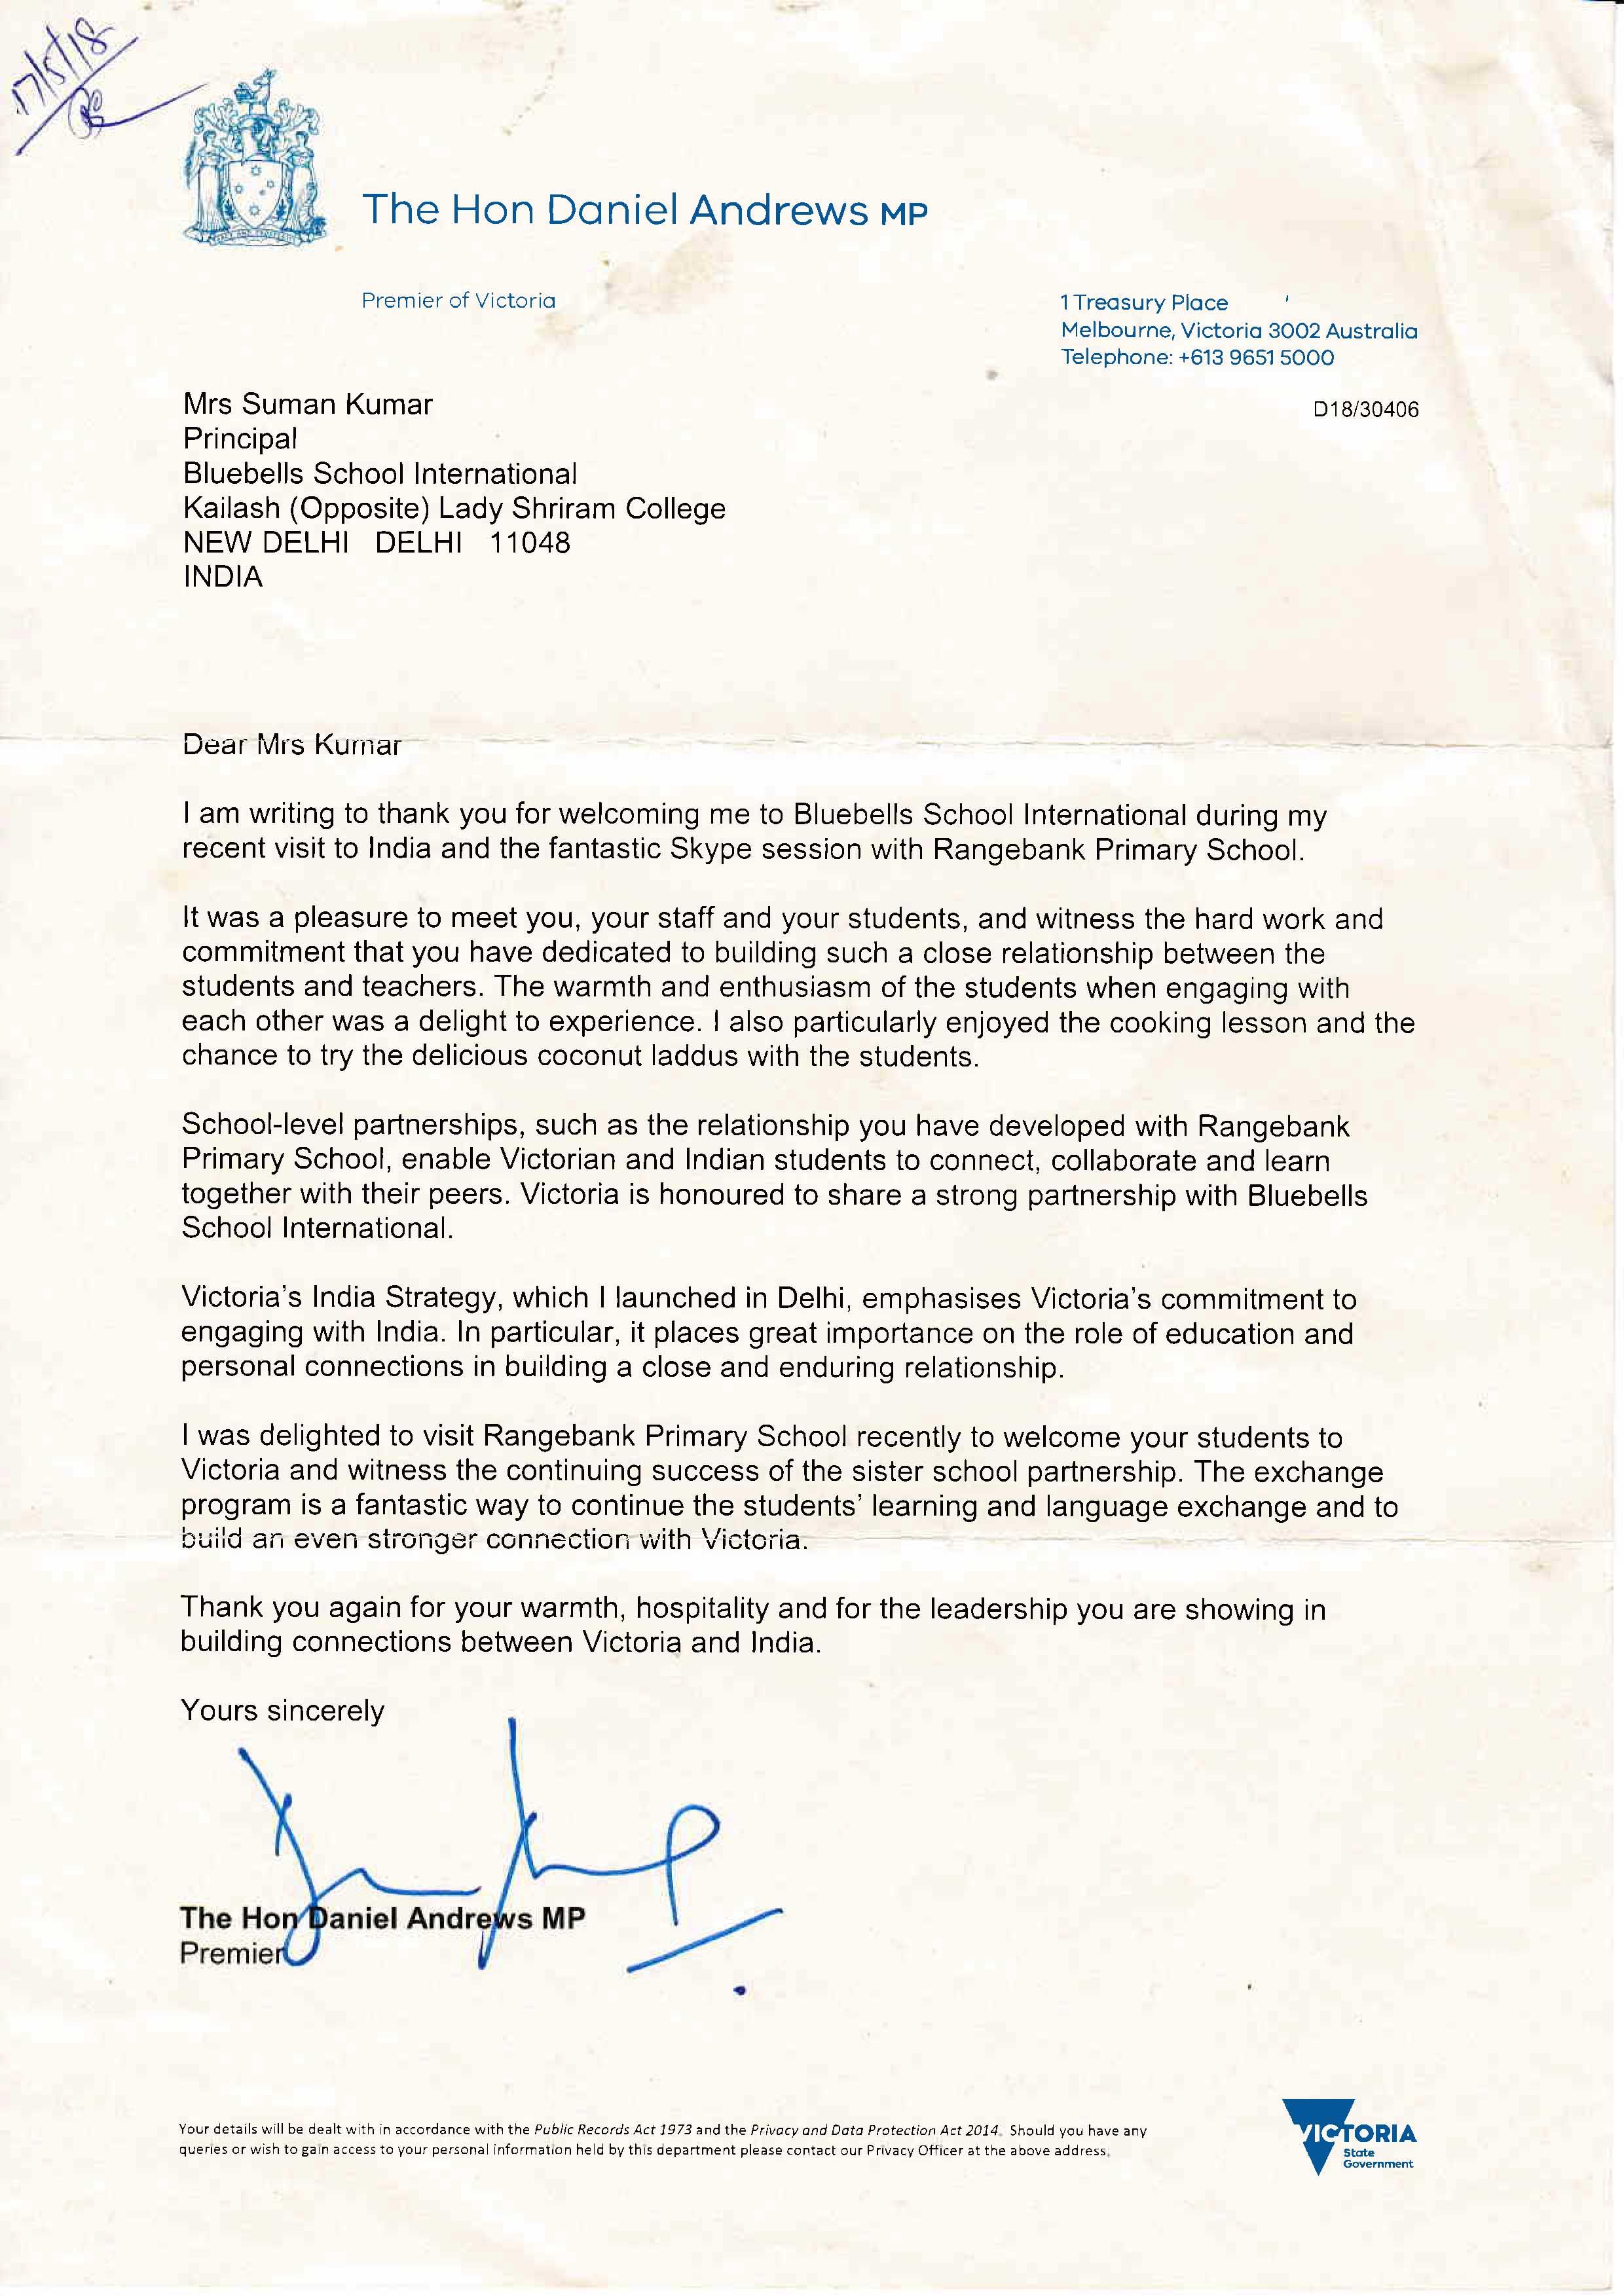 The Hon Daniel Andrews Letter.jpg